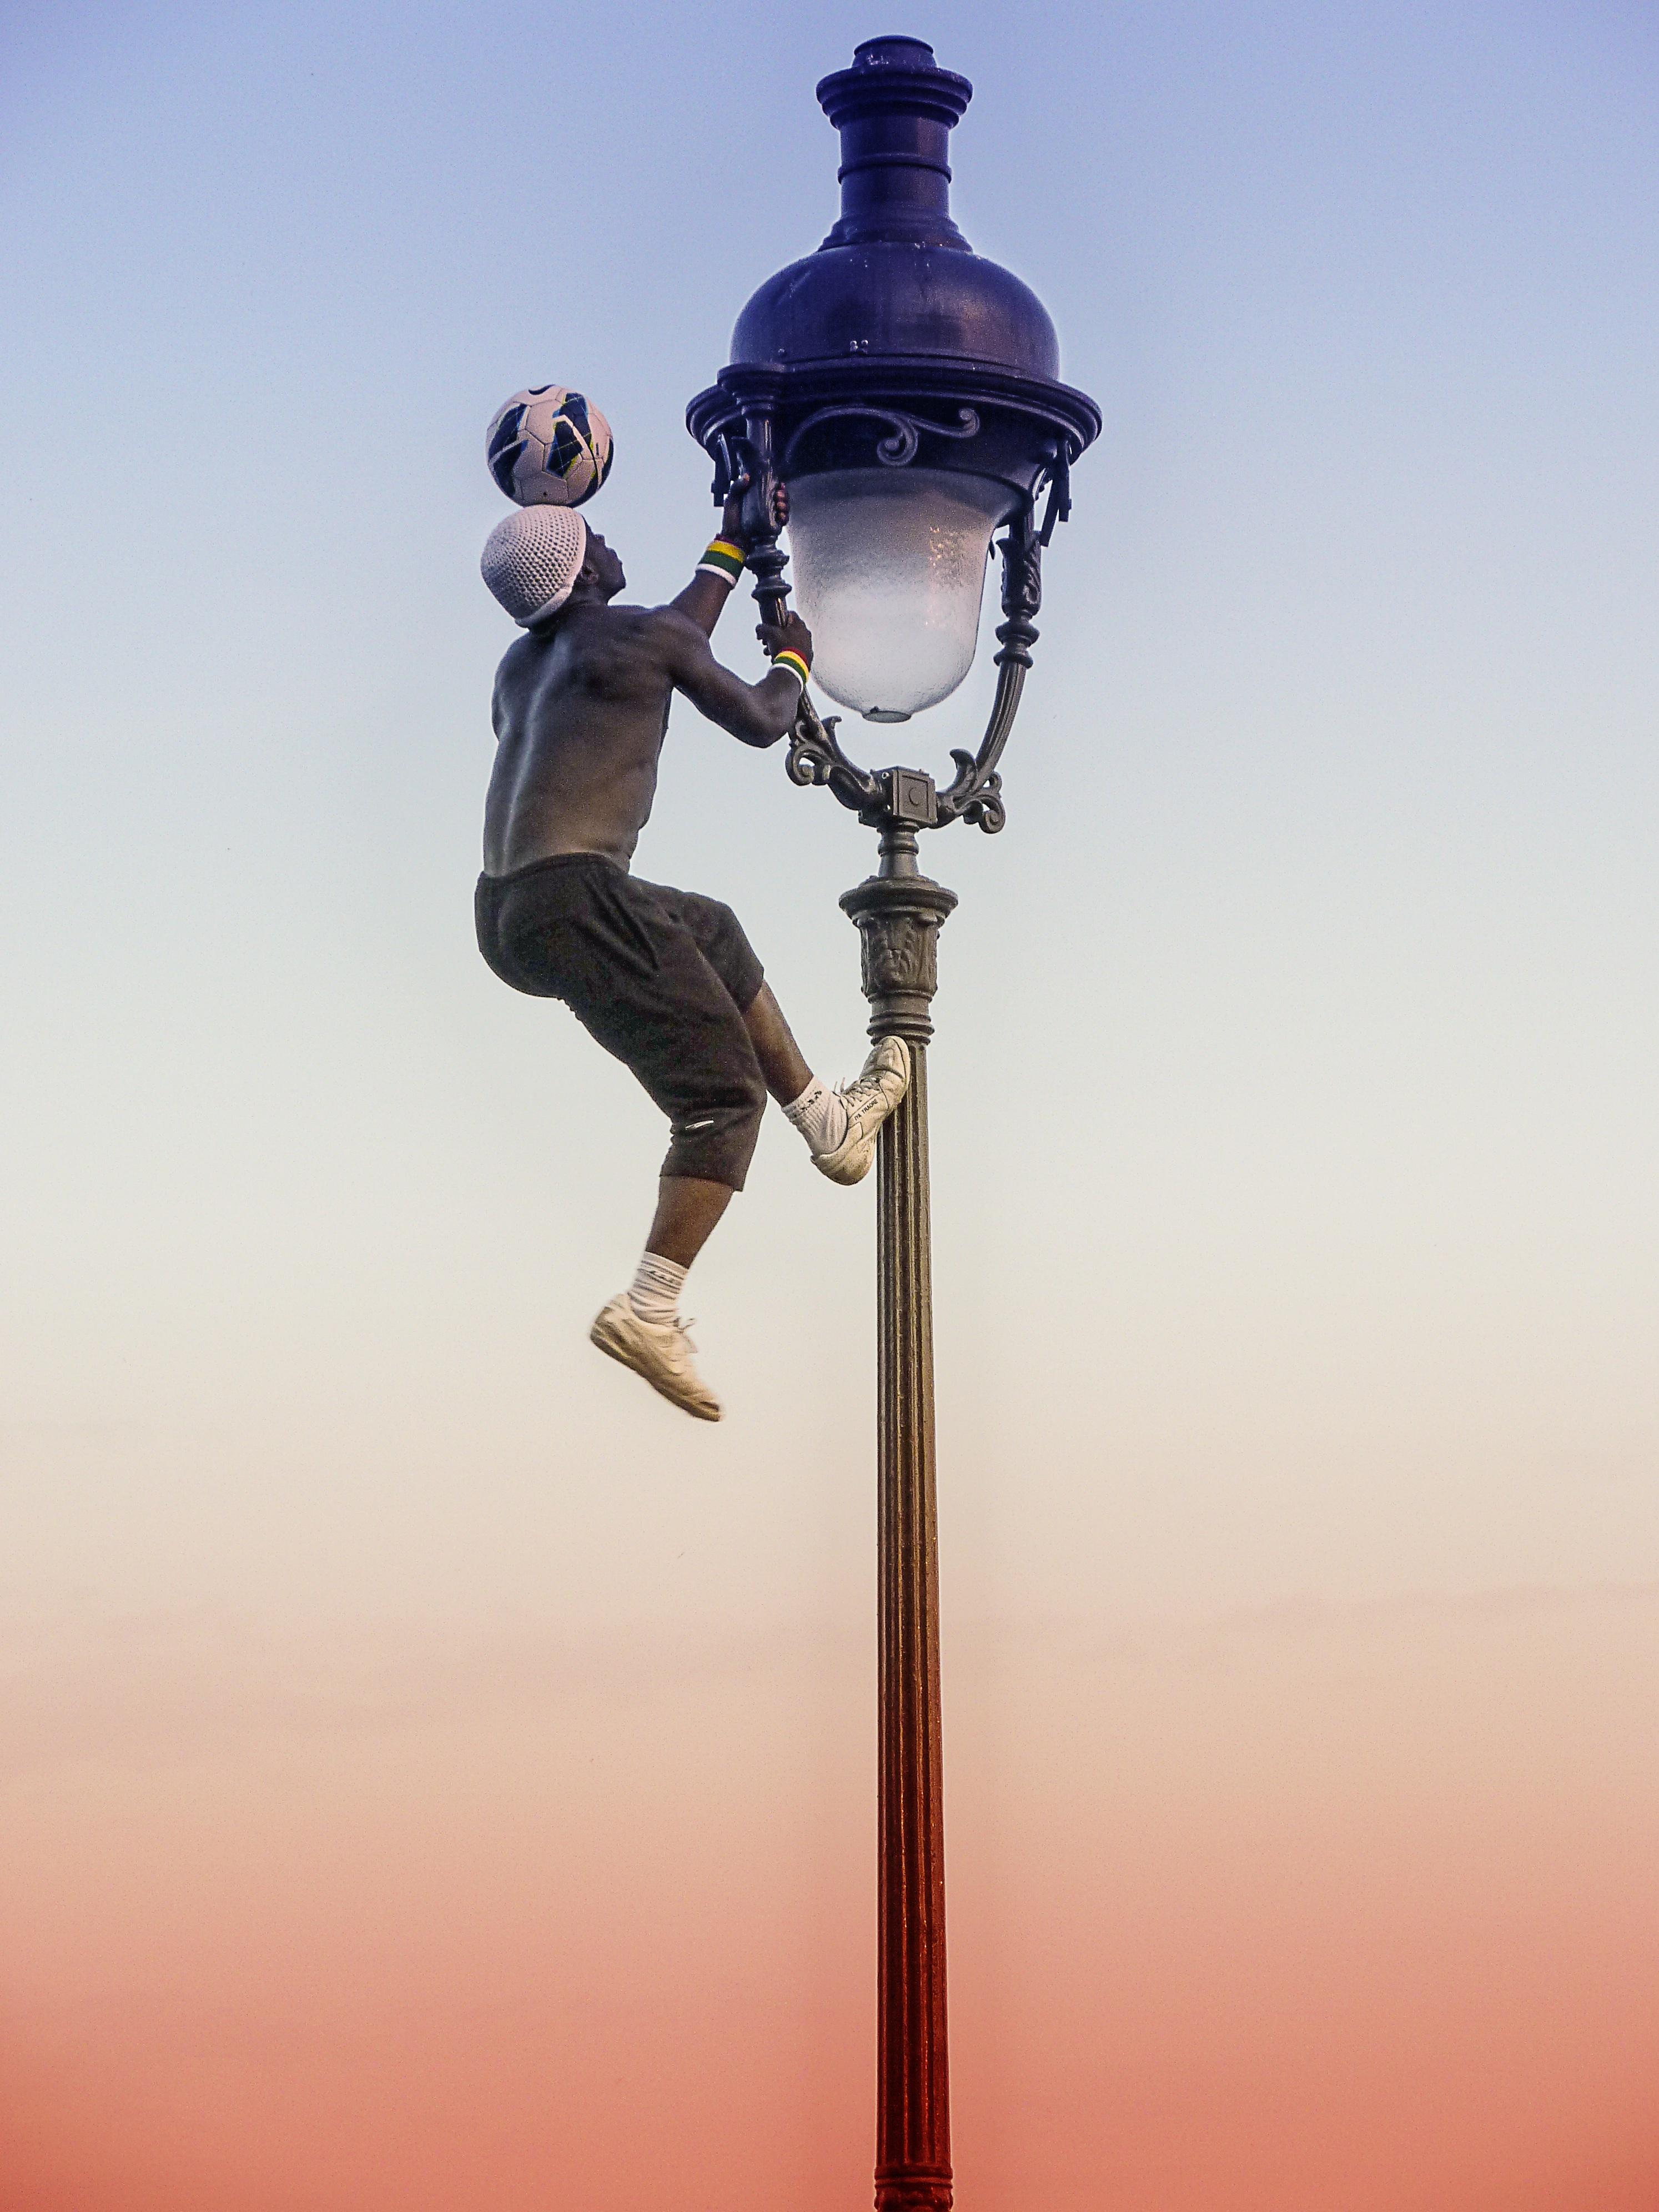 Gratis Afbeeldingen : man, Parijs, Frankrijk, avond, voertuig, blauw ...